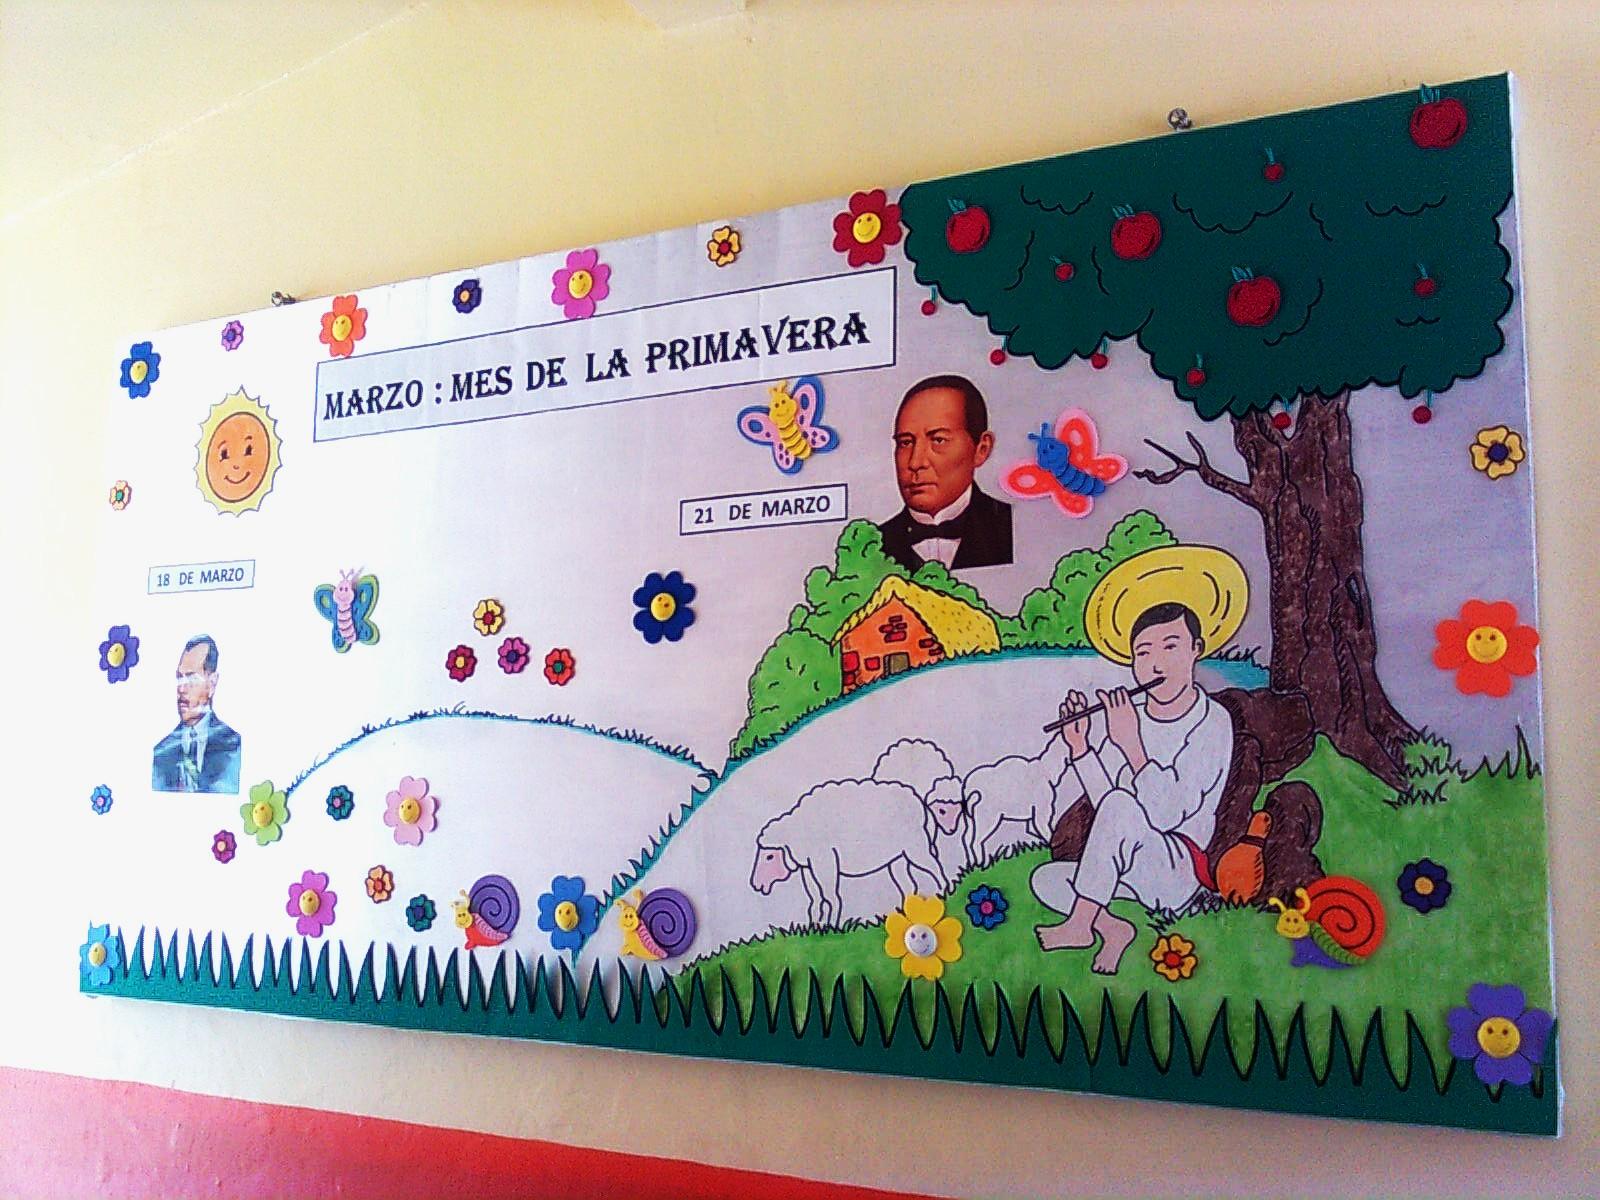 Lalicenciadoadolfo periodico mural del mes de marzo for Como elaborar un periodico mural